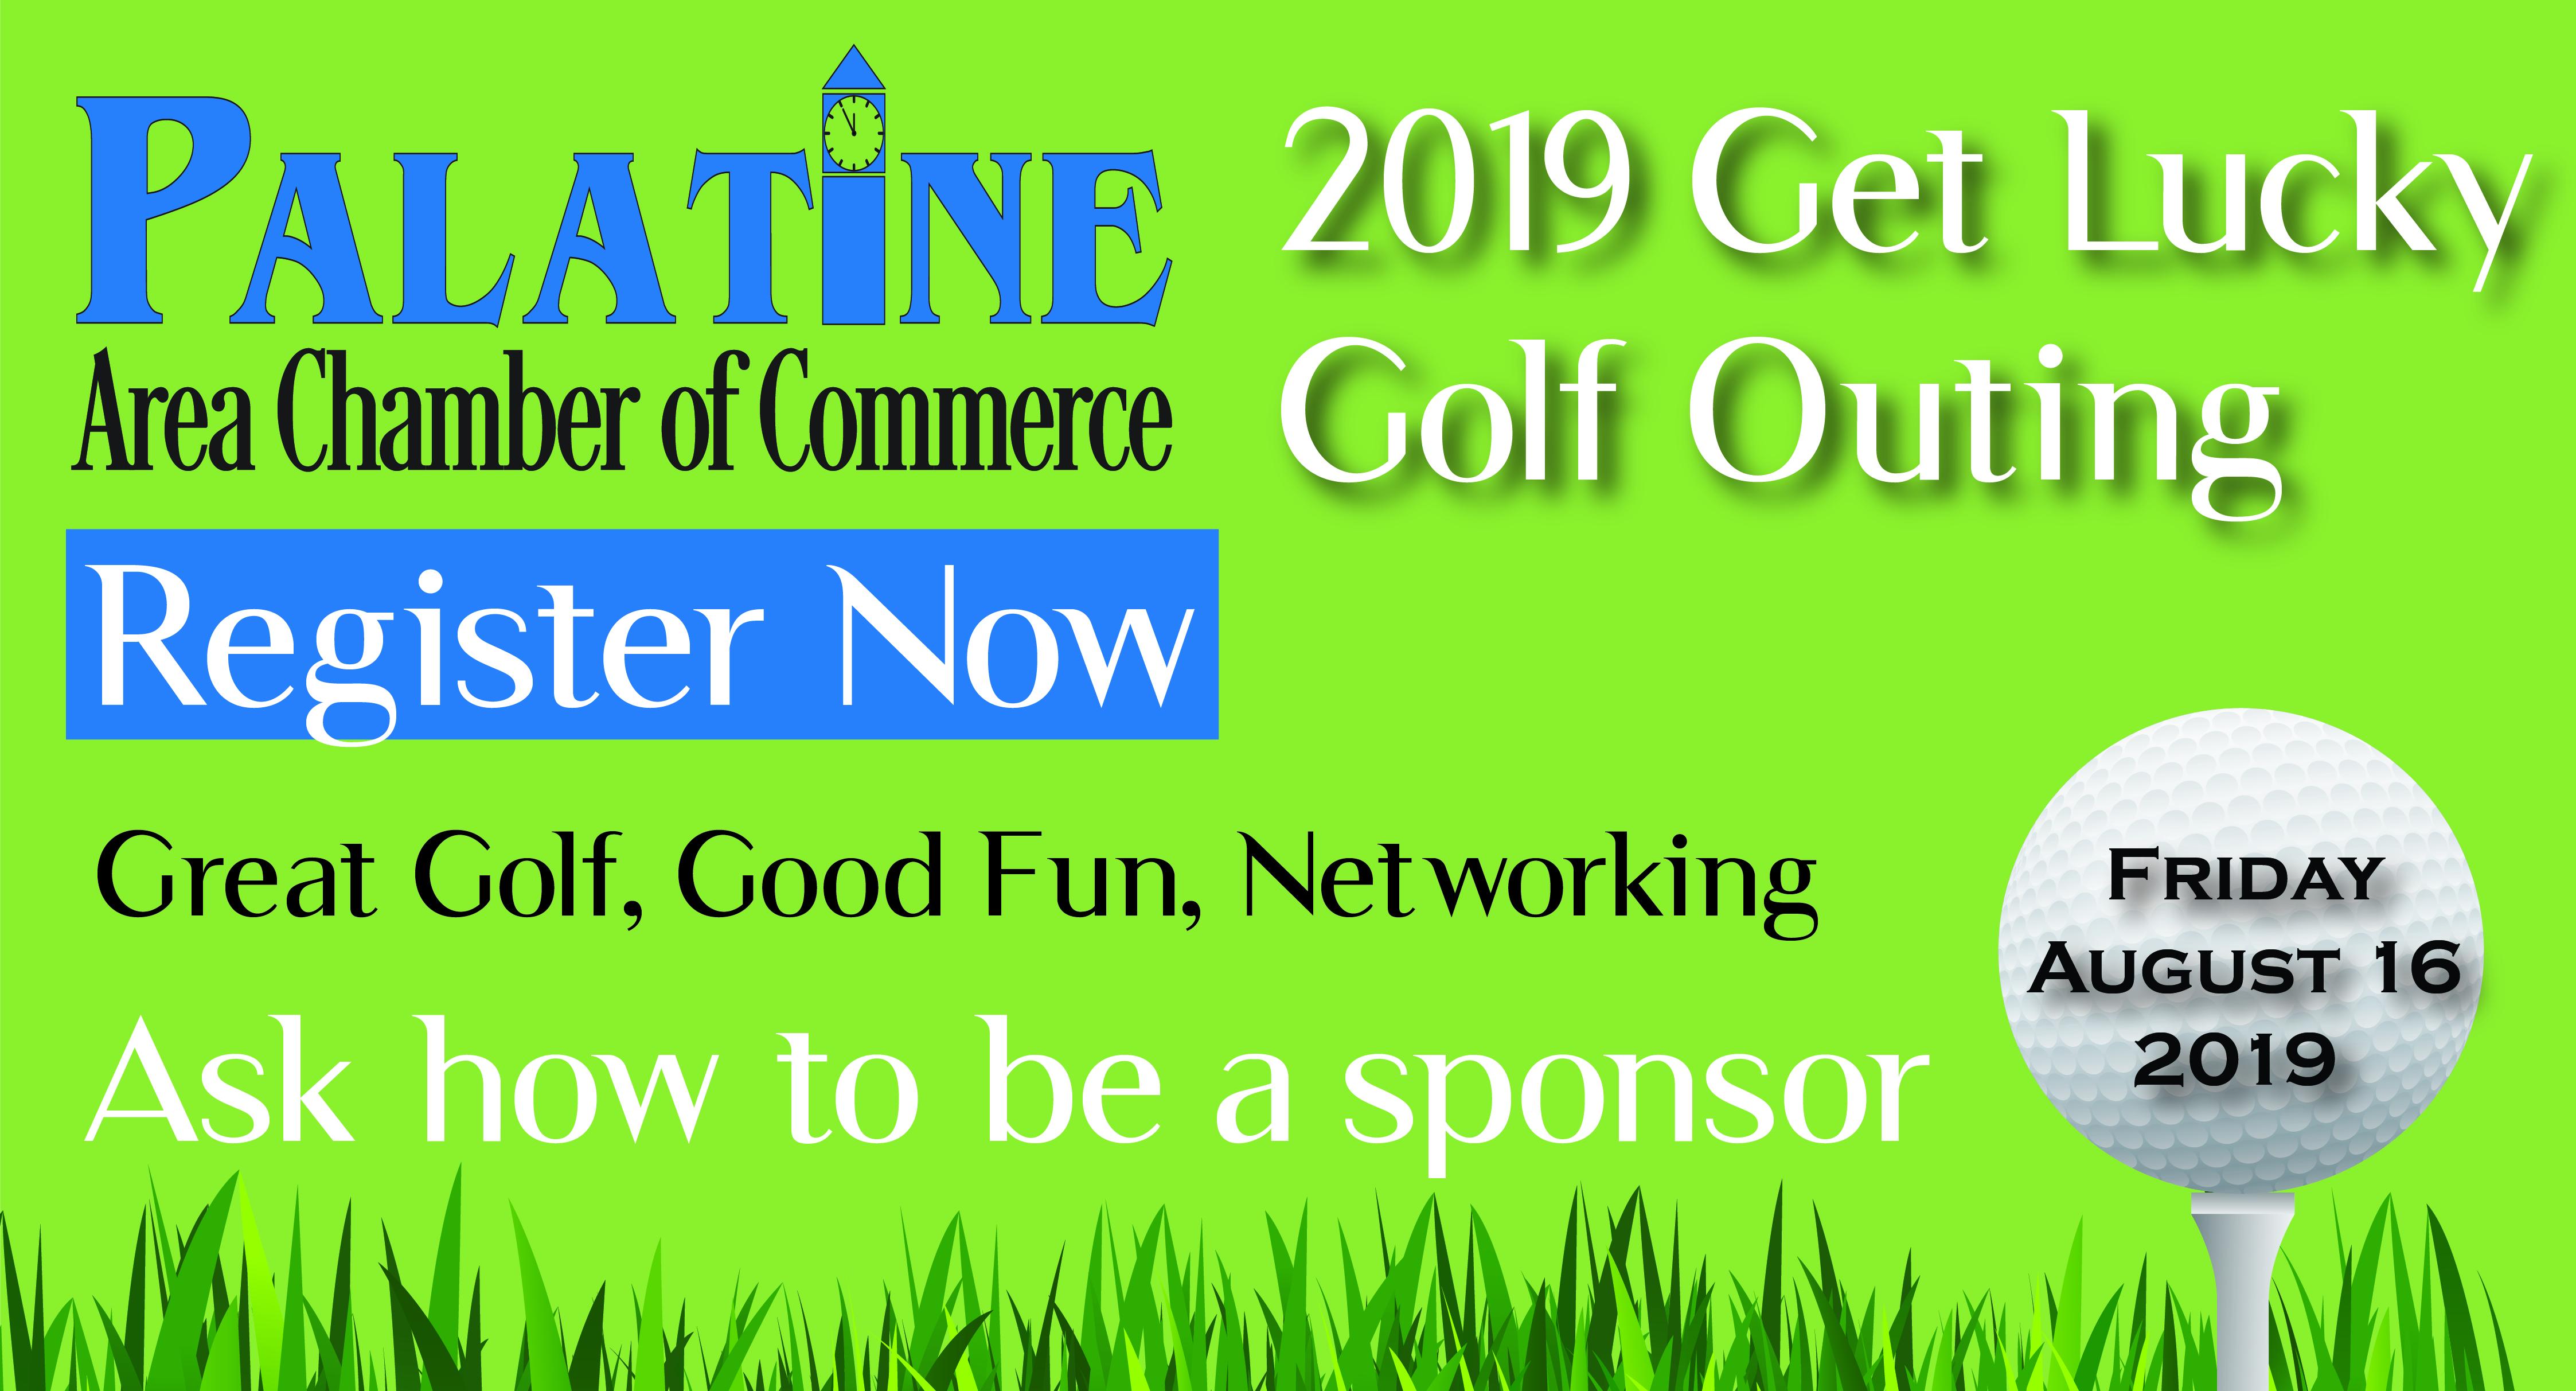 Golf-Slider-2019-01.jpg